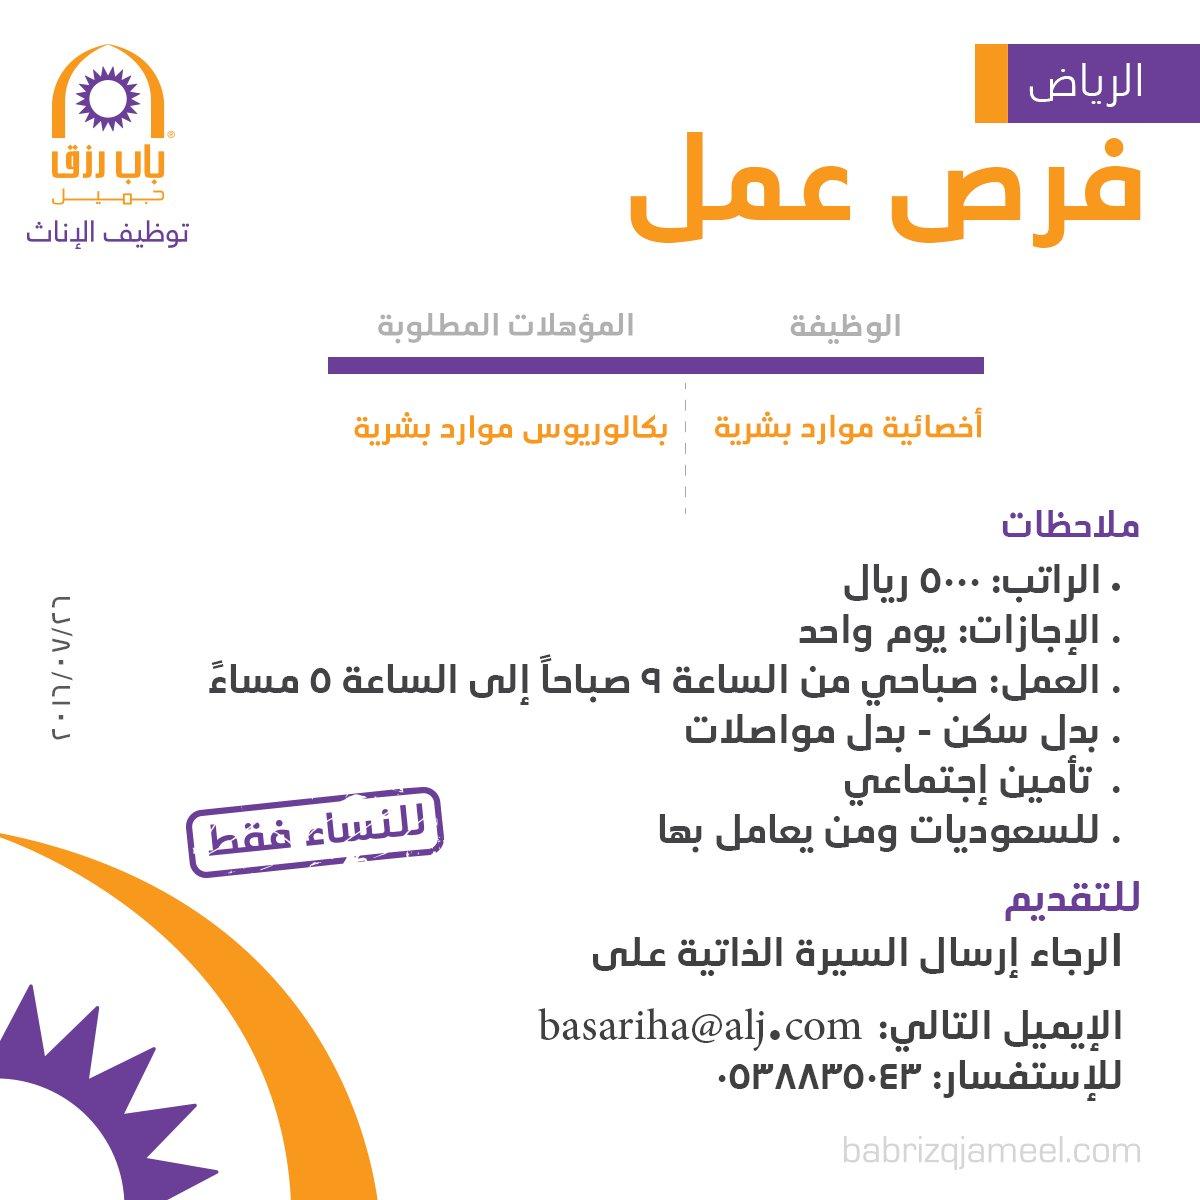 مطلوب أخصائية موارد بشرية - الرياض